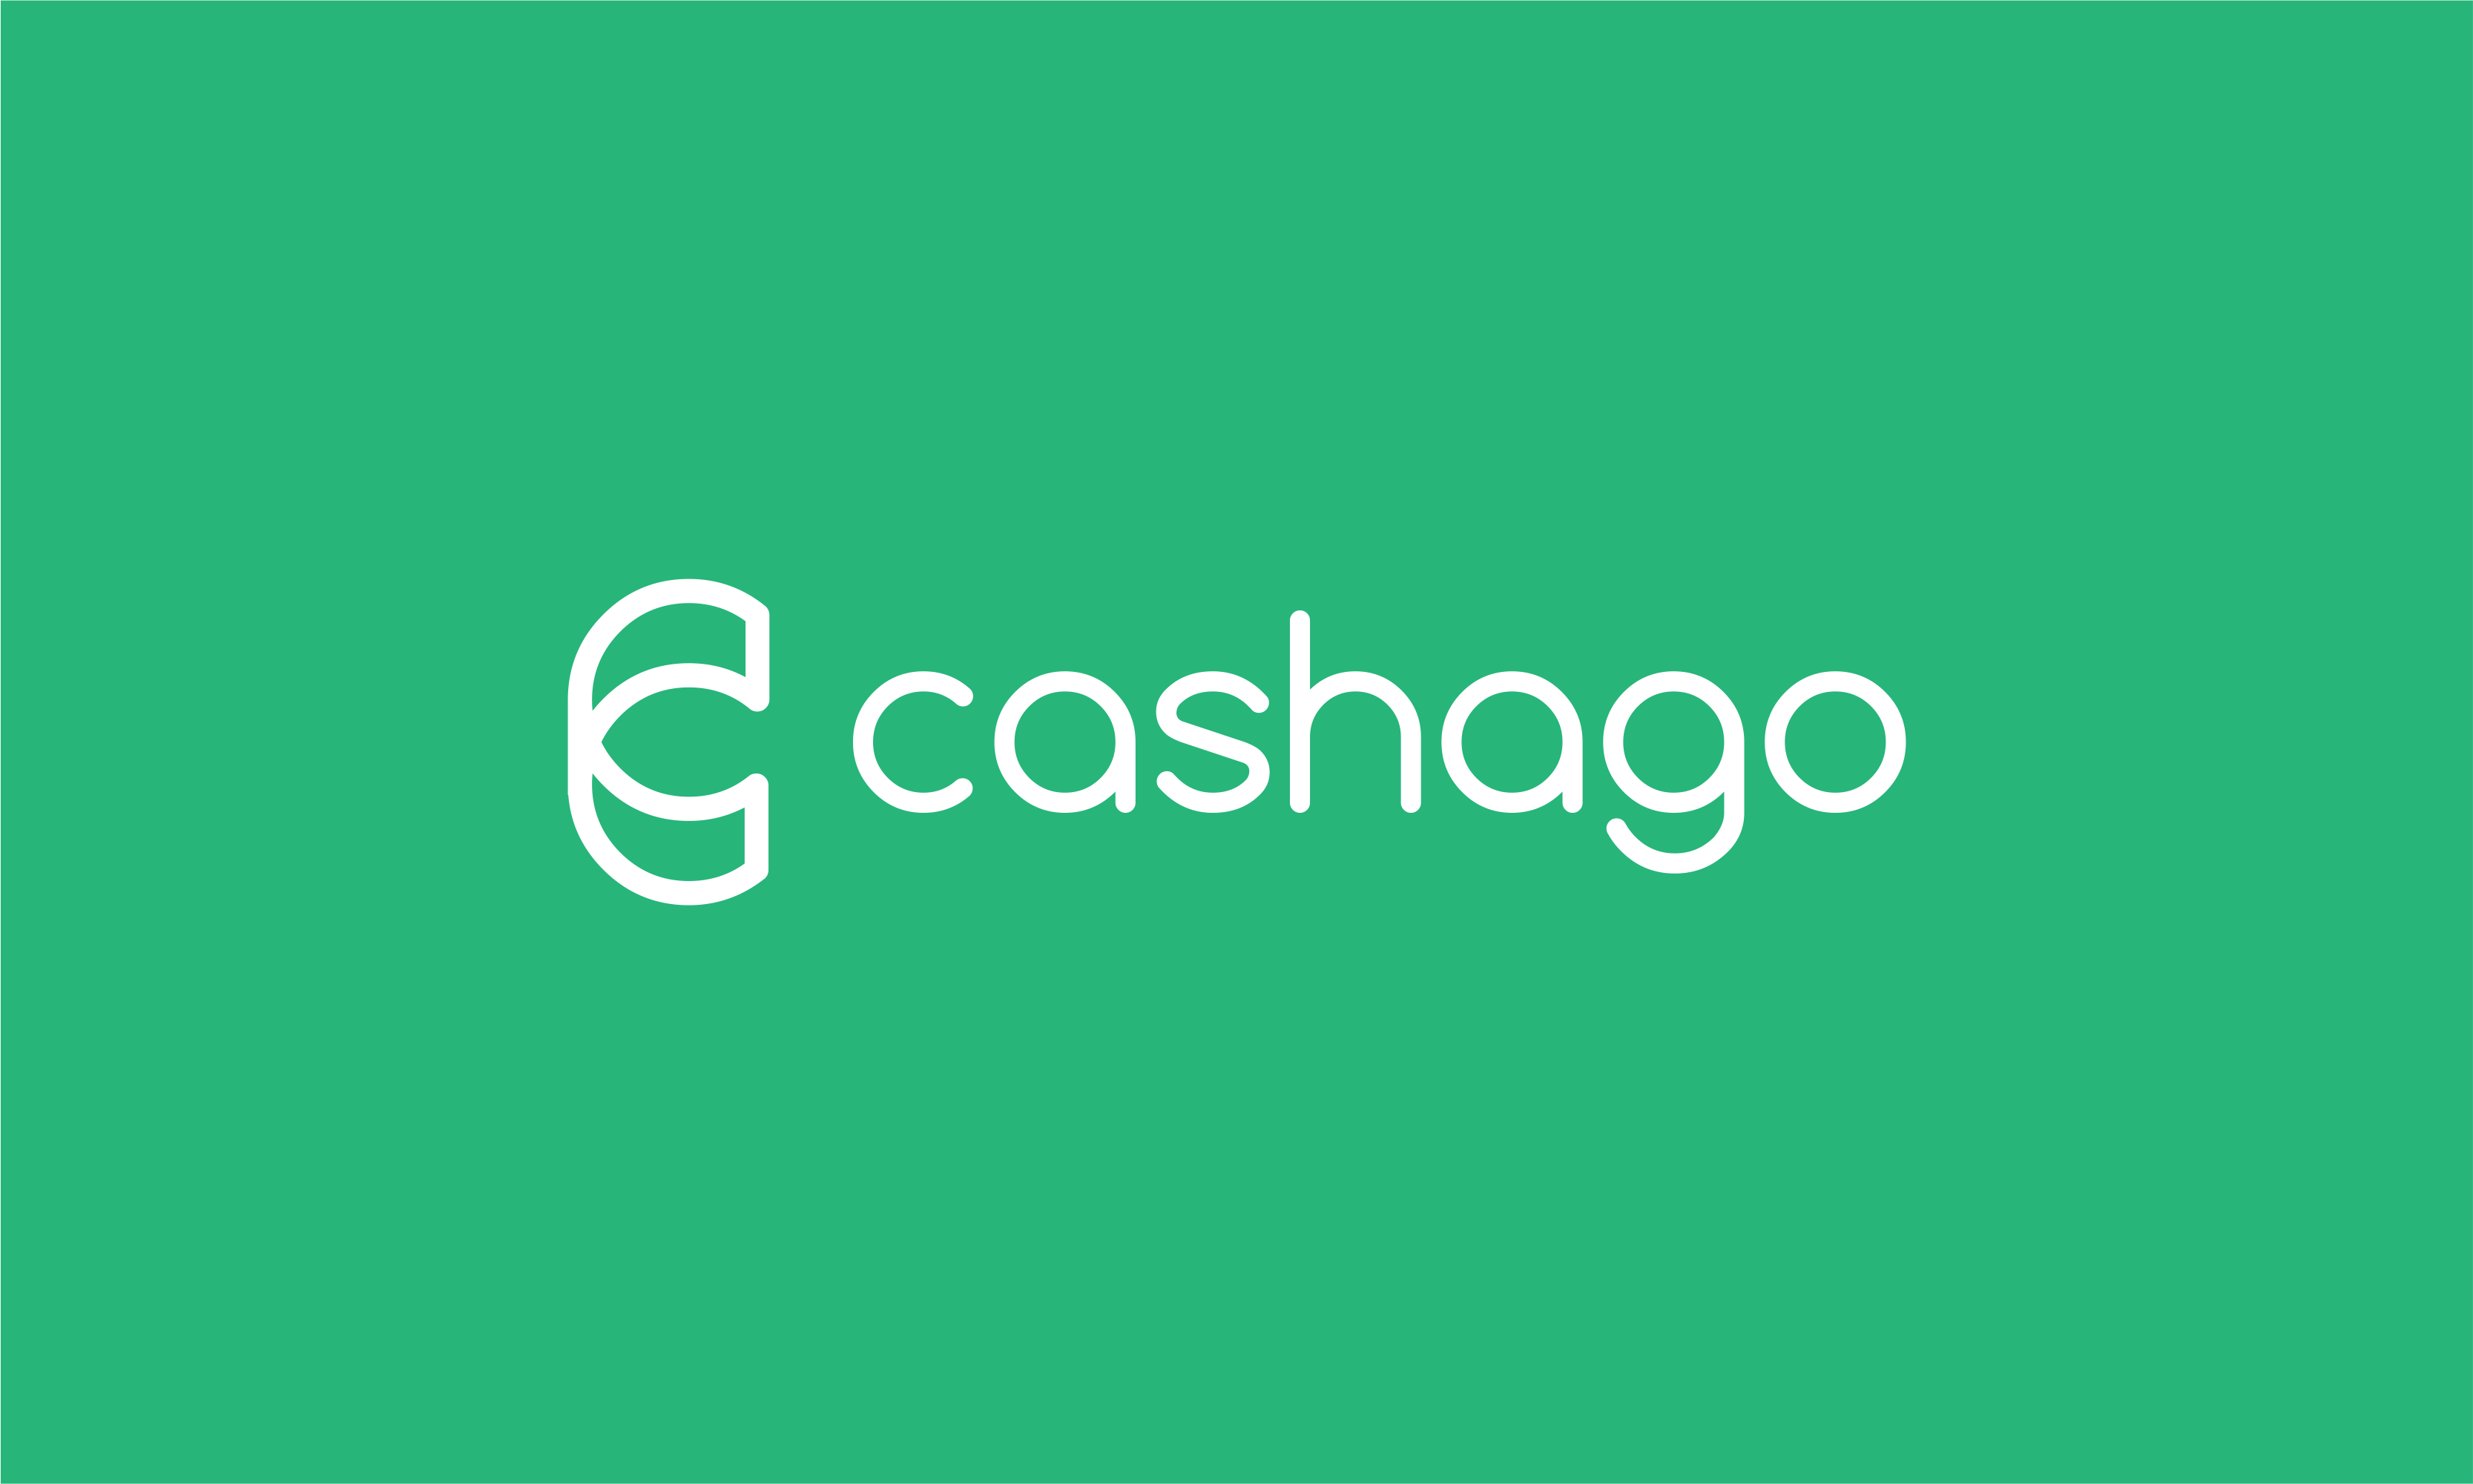 Cashago